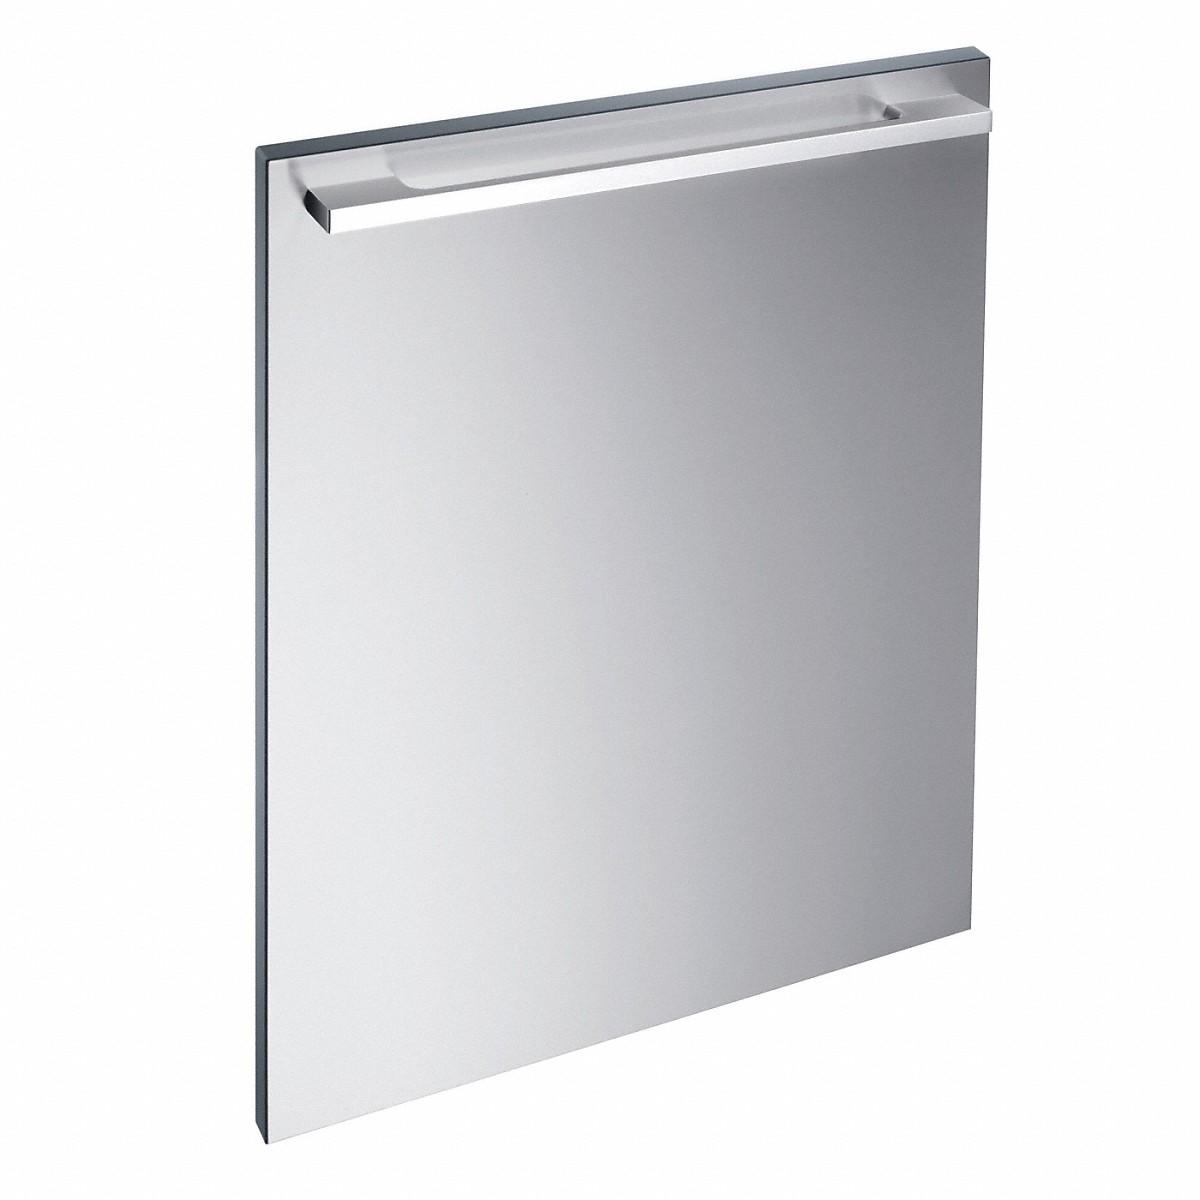 Miele gfvi 612 77 1 habillage frontal vi l x h 60 x 77 cm for Porte pour lave vaisselle integrable